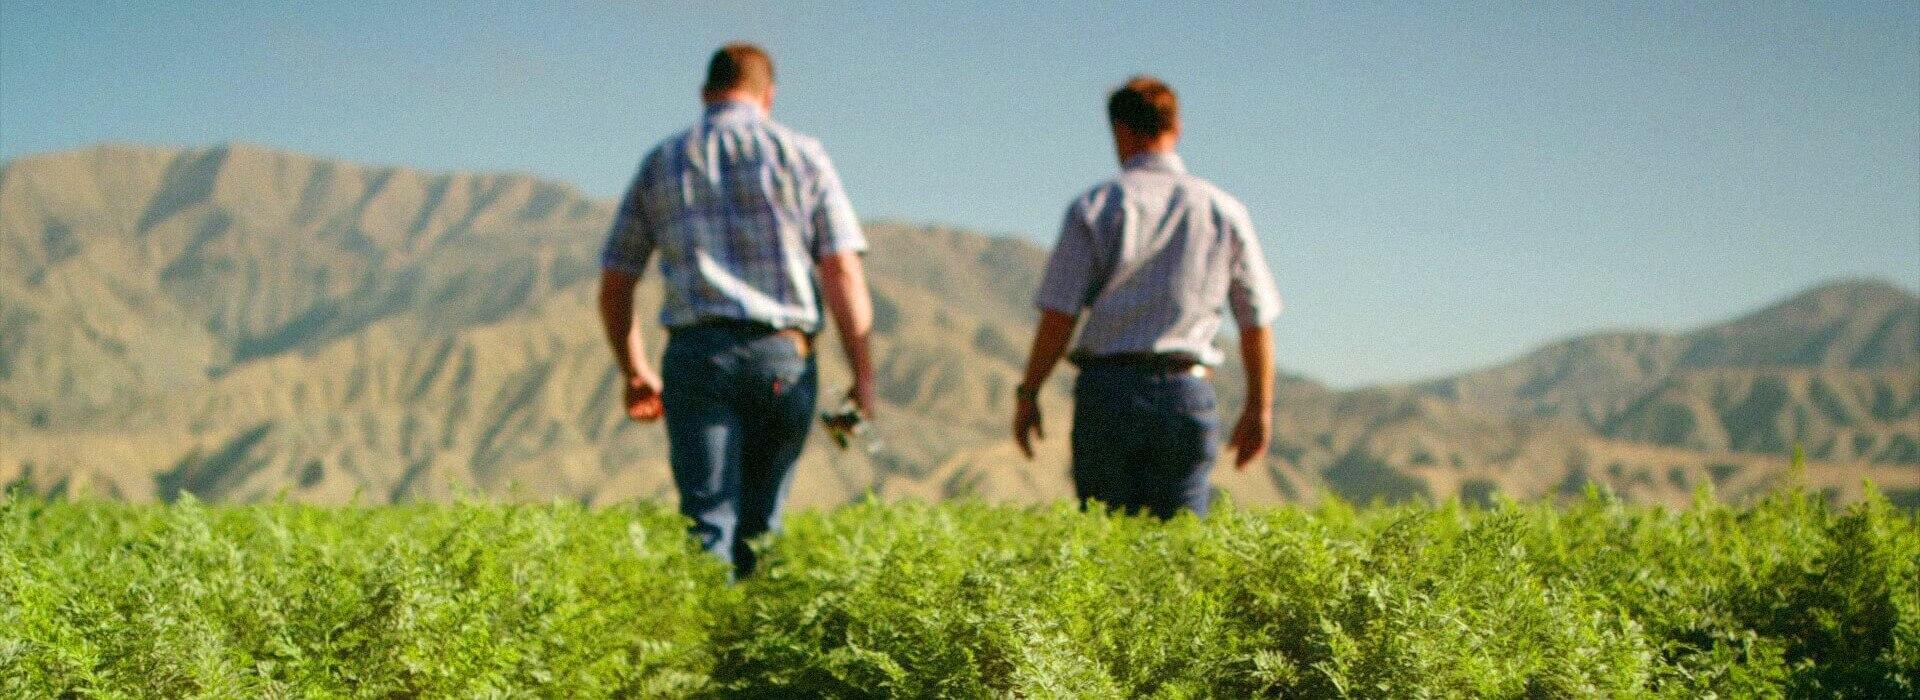 Digital Attic Portfolio - Cal Organic Farms Content